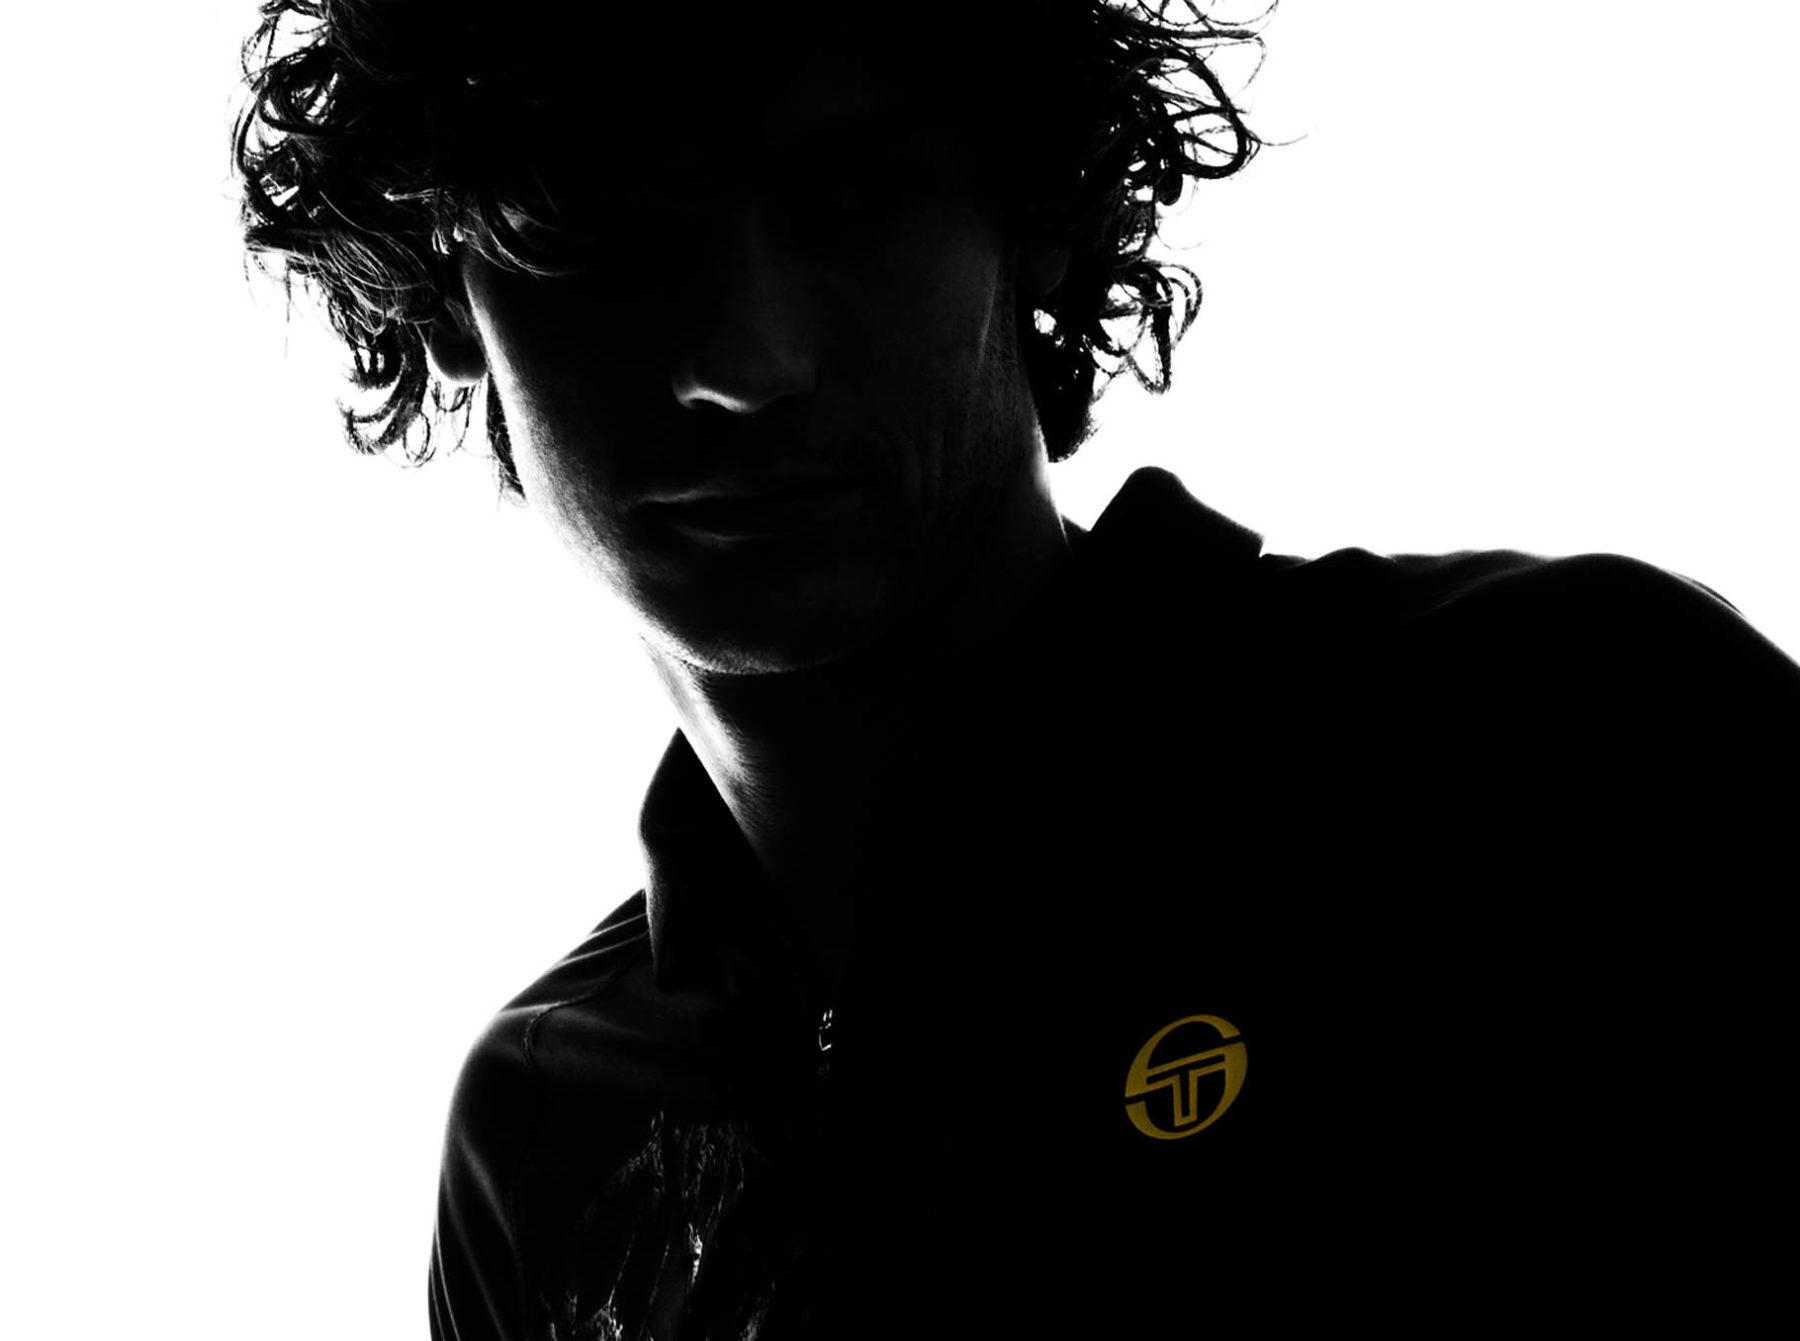 Sergio Tacchini International 2013 ADV Campaign - Dario